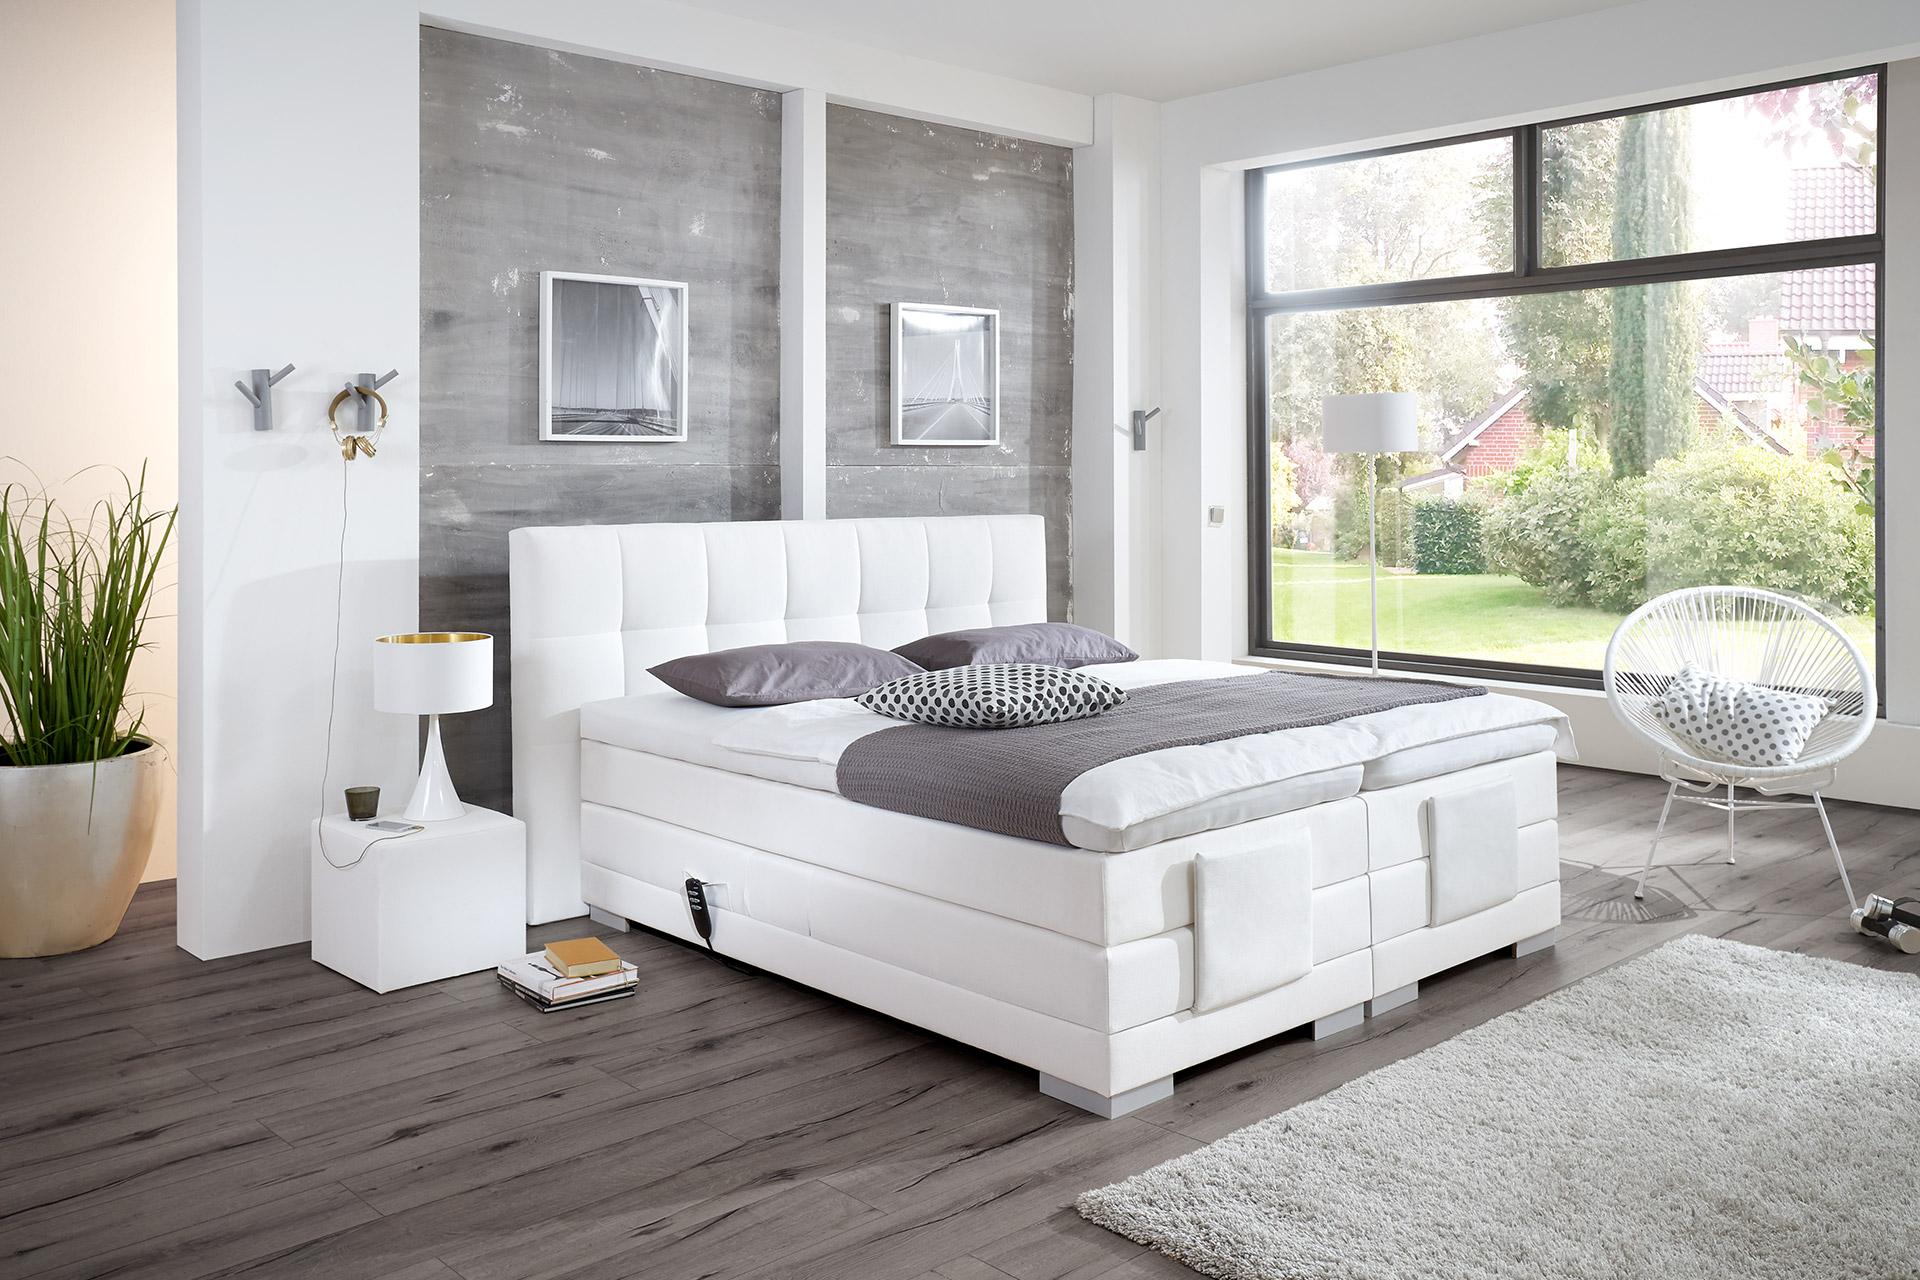 boxspringbetten matratzen g nstig online kaufen belvandeo. Black Bedroom Furniture Sets. Home Design Ideas